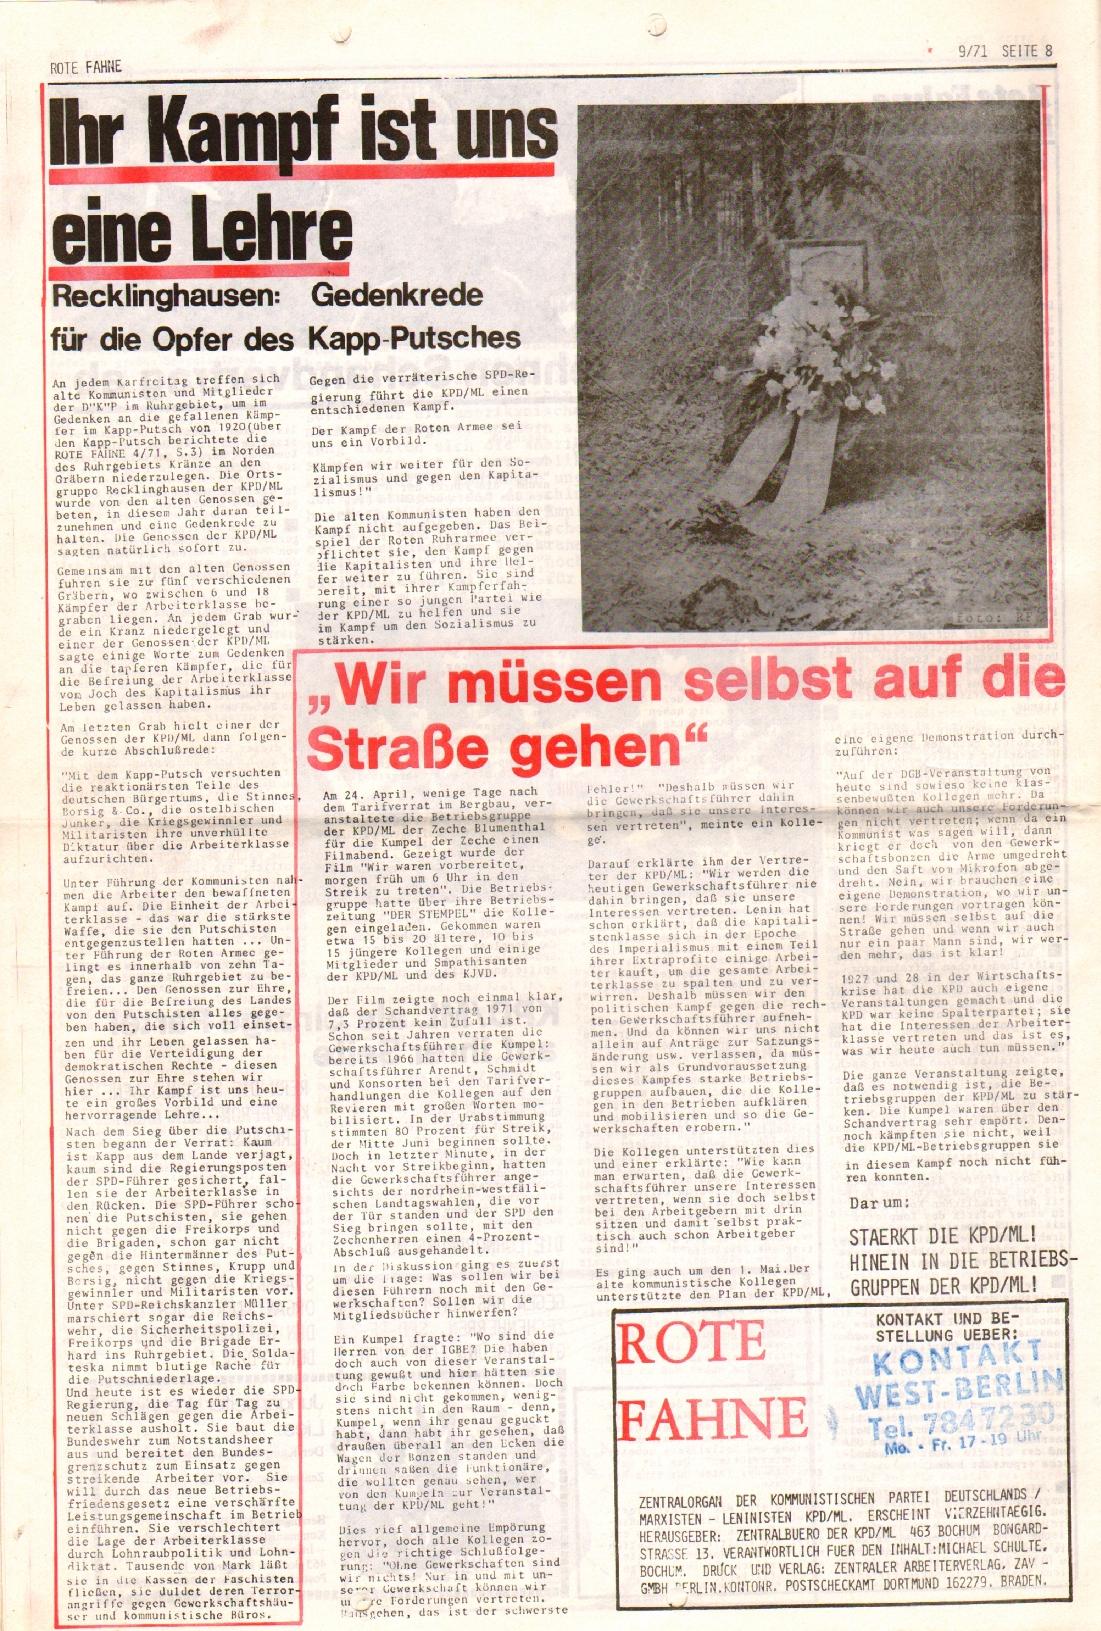 Rote Fahne, 2. Jg., 10.5.1971, Nr. 9, Seite 8